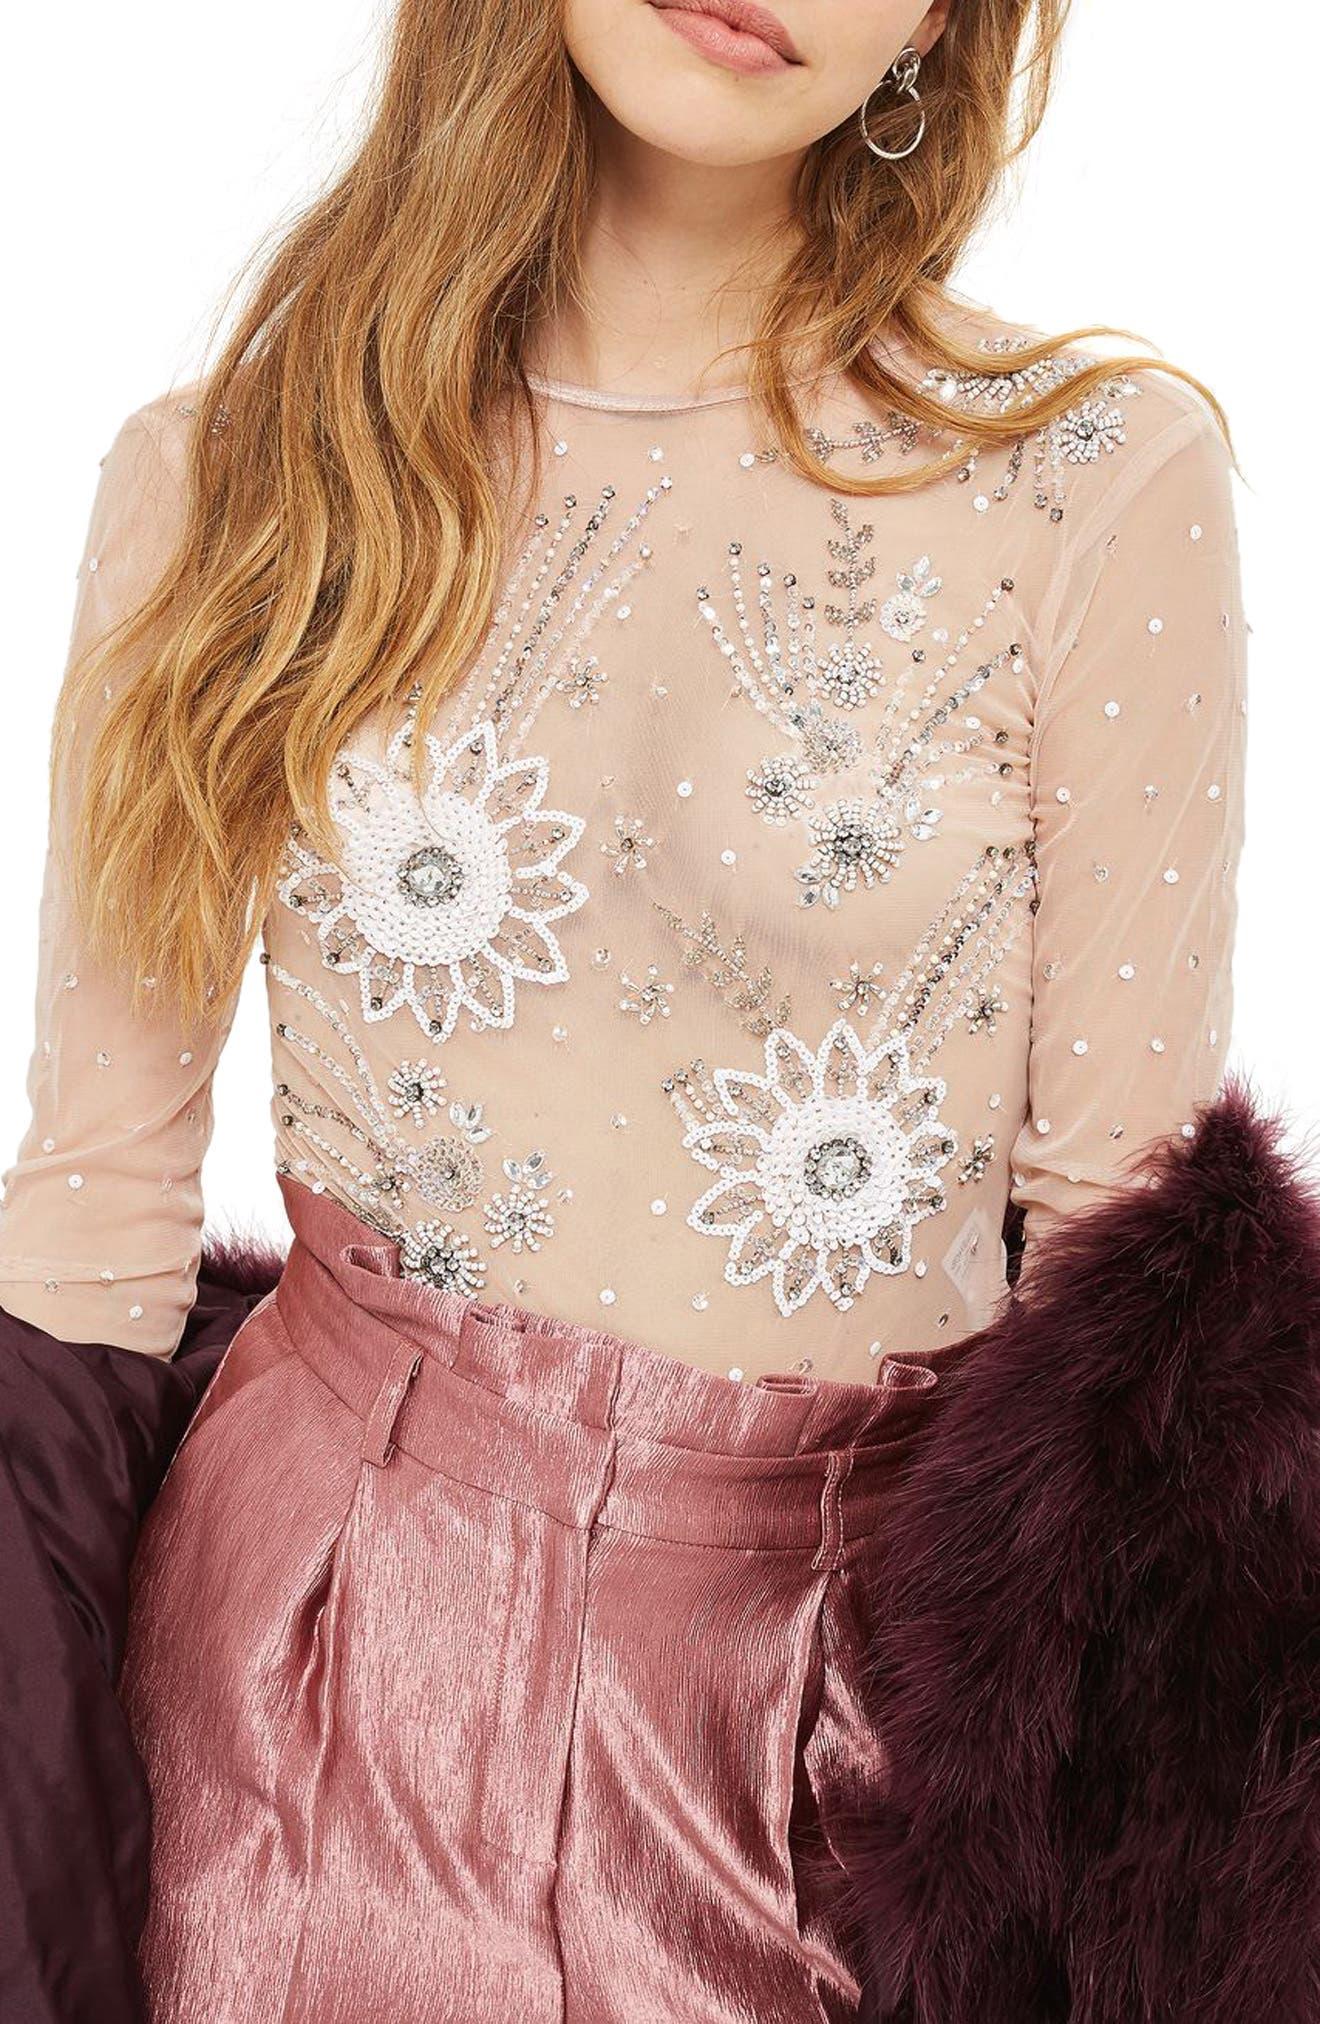 Topshop Embellished Sheer Bodysuit